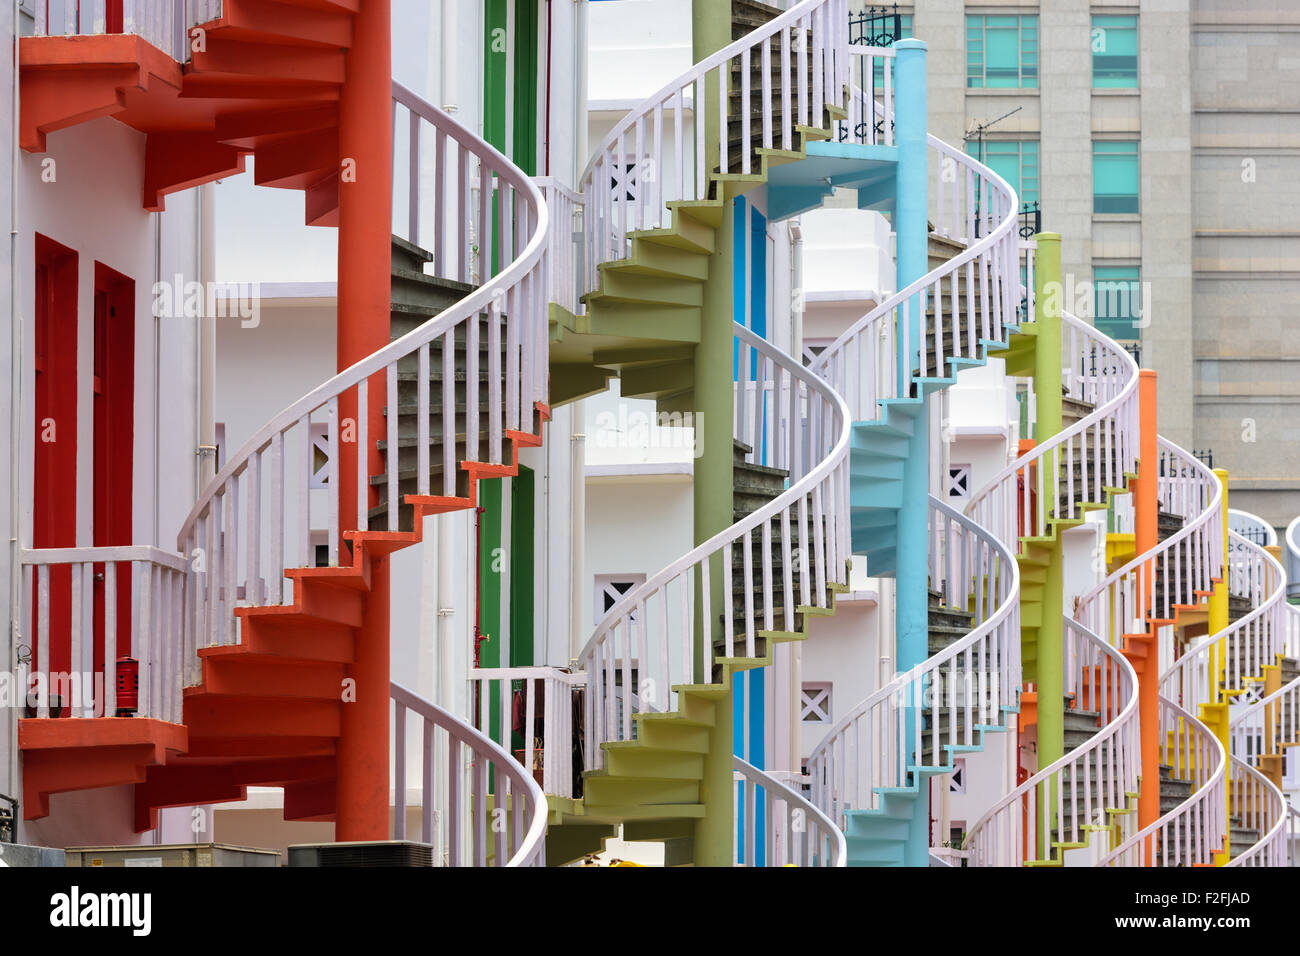 Singapur en Bugis Village escaleras de caracol. Imagen De Stock